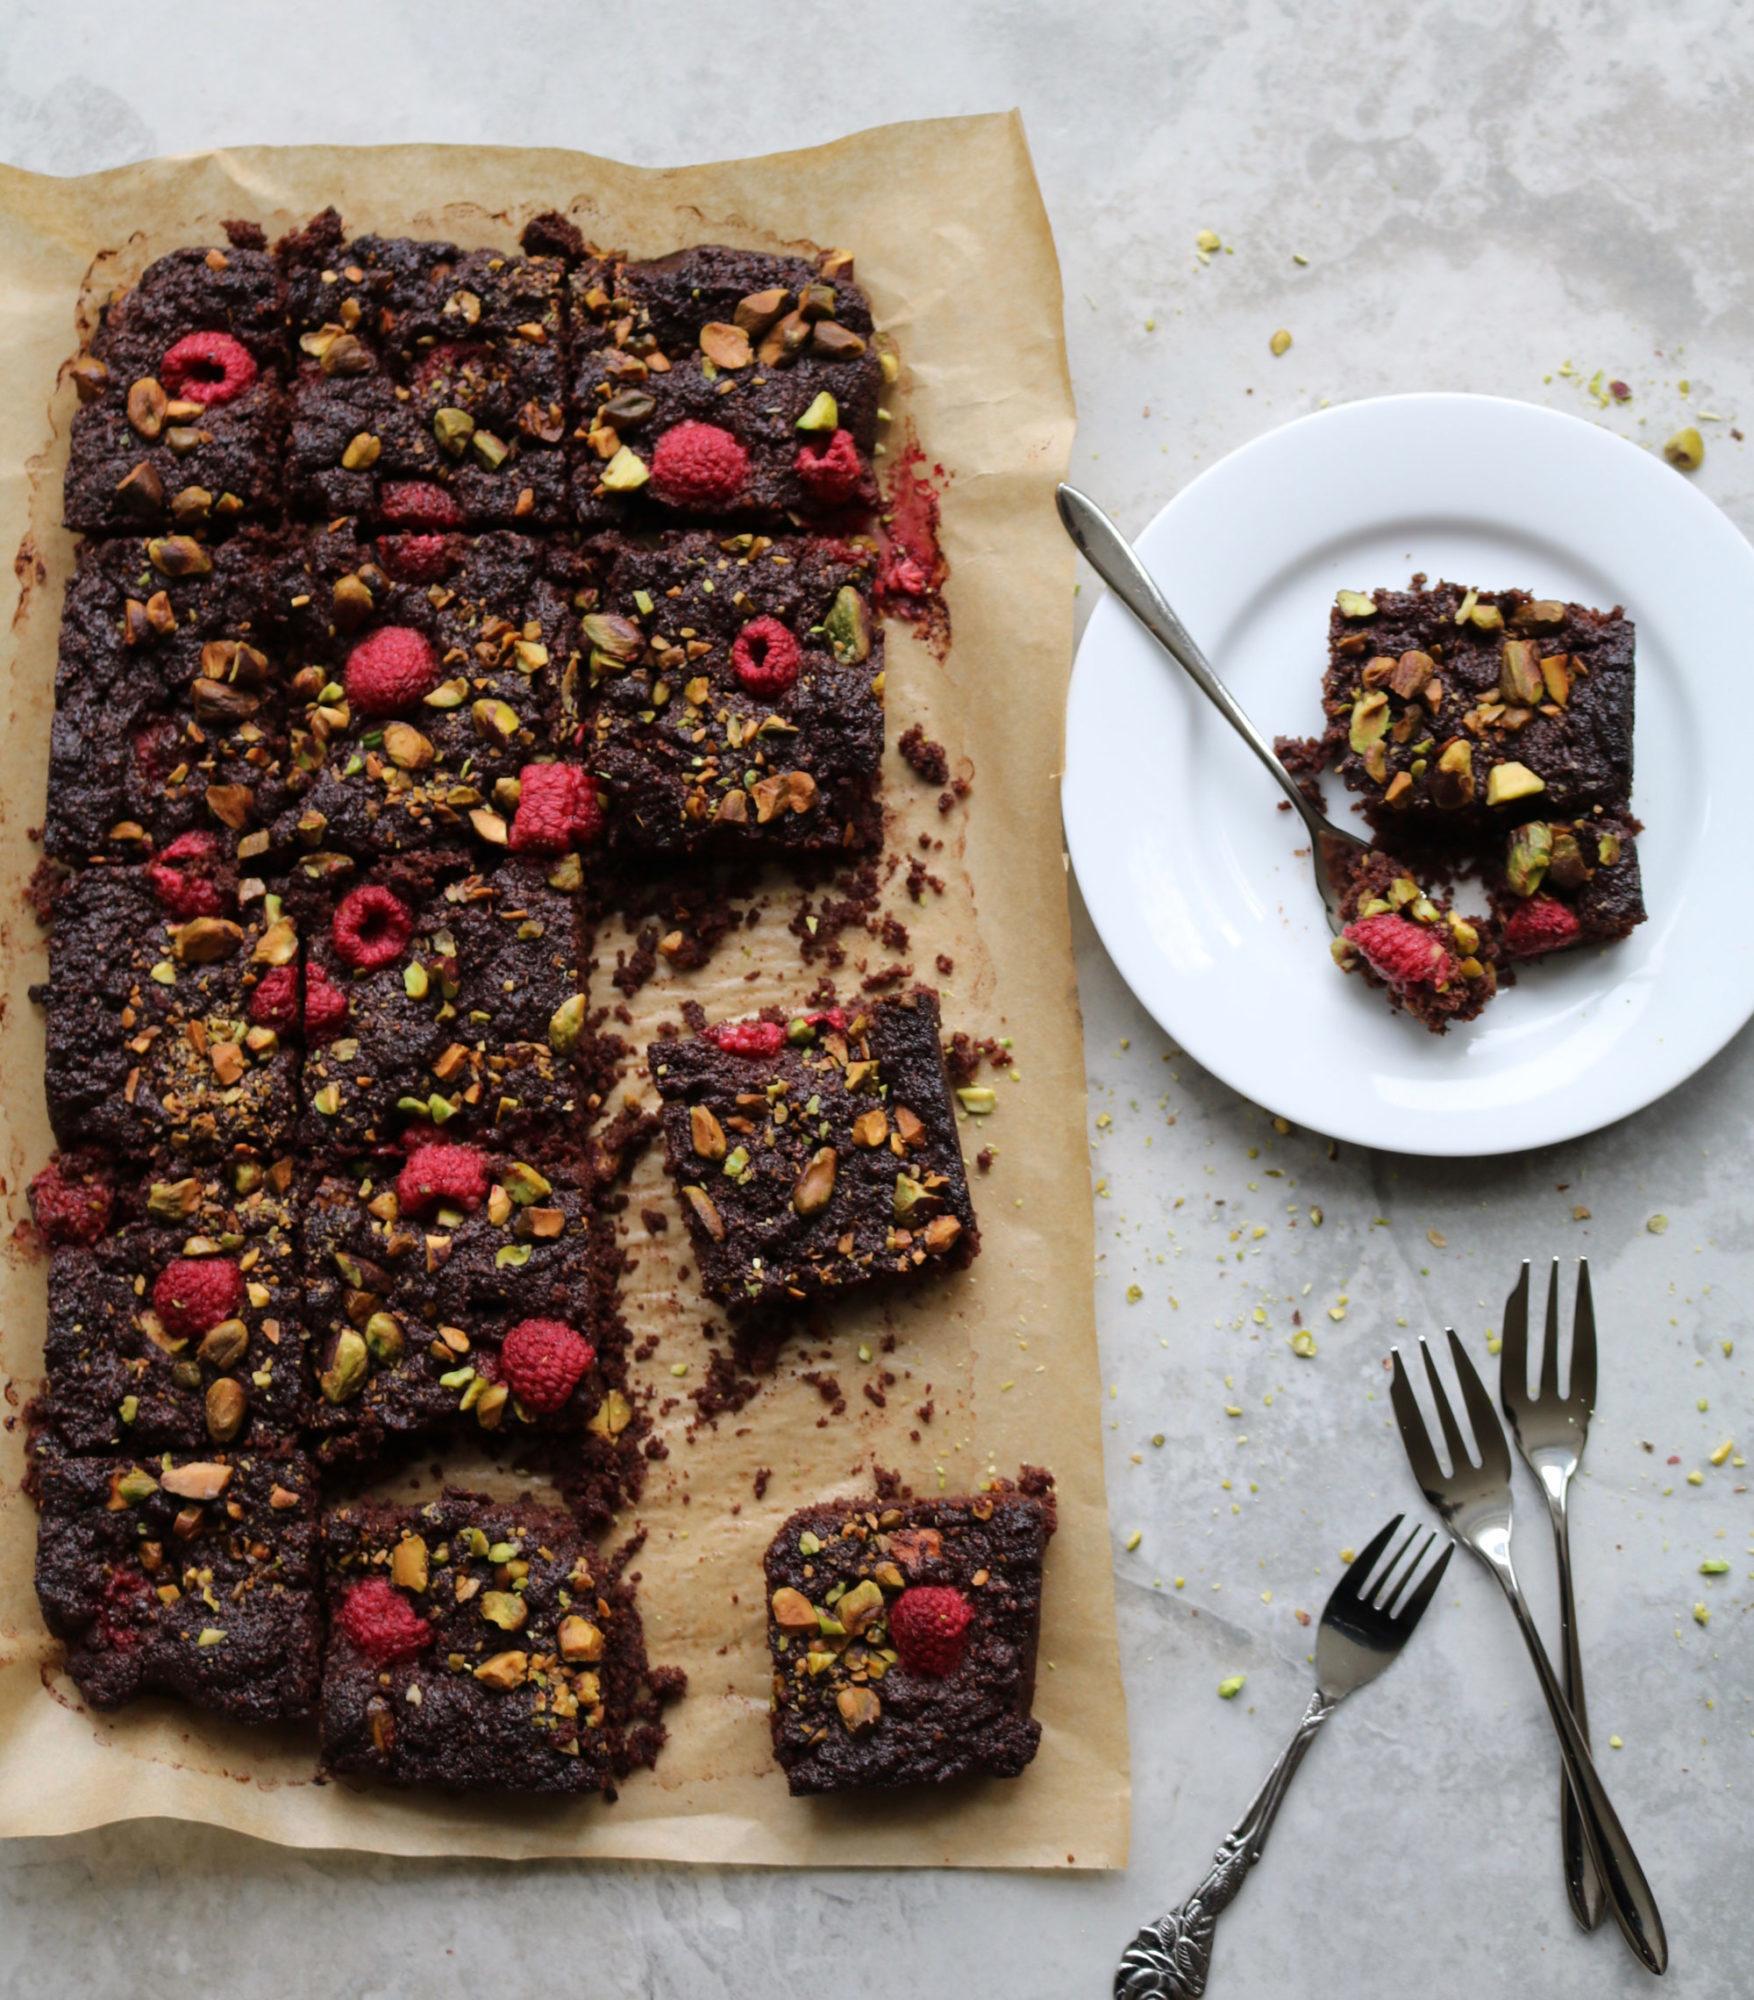 Brownies de chocolate, frambuesa y pistacho